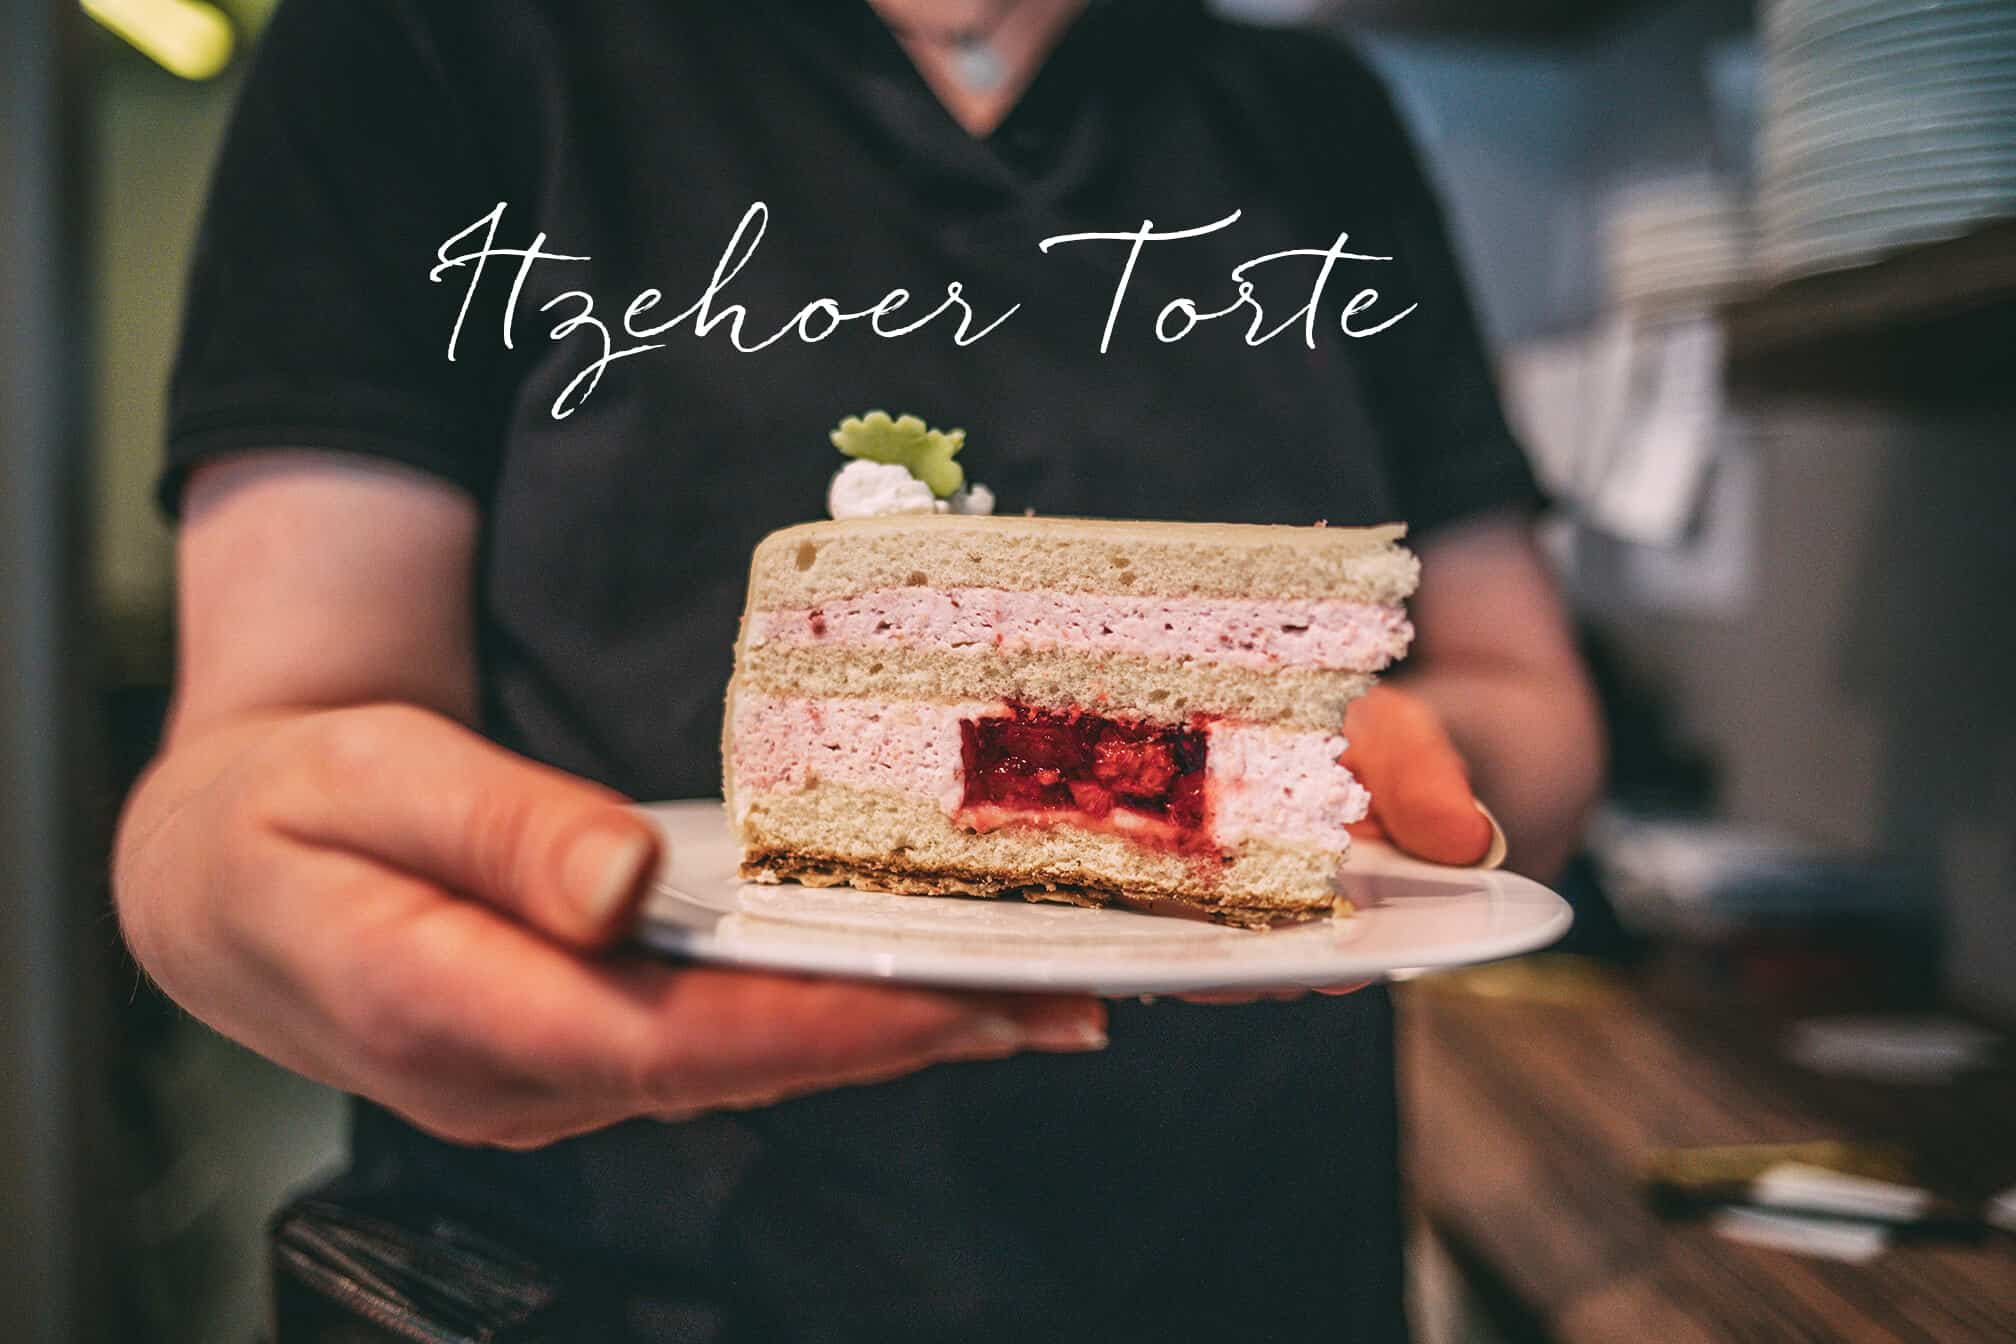 Itzehoer Torte Café Ramm